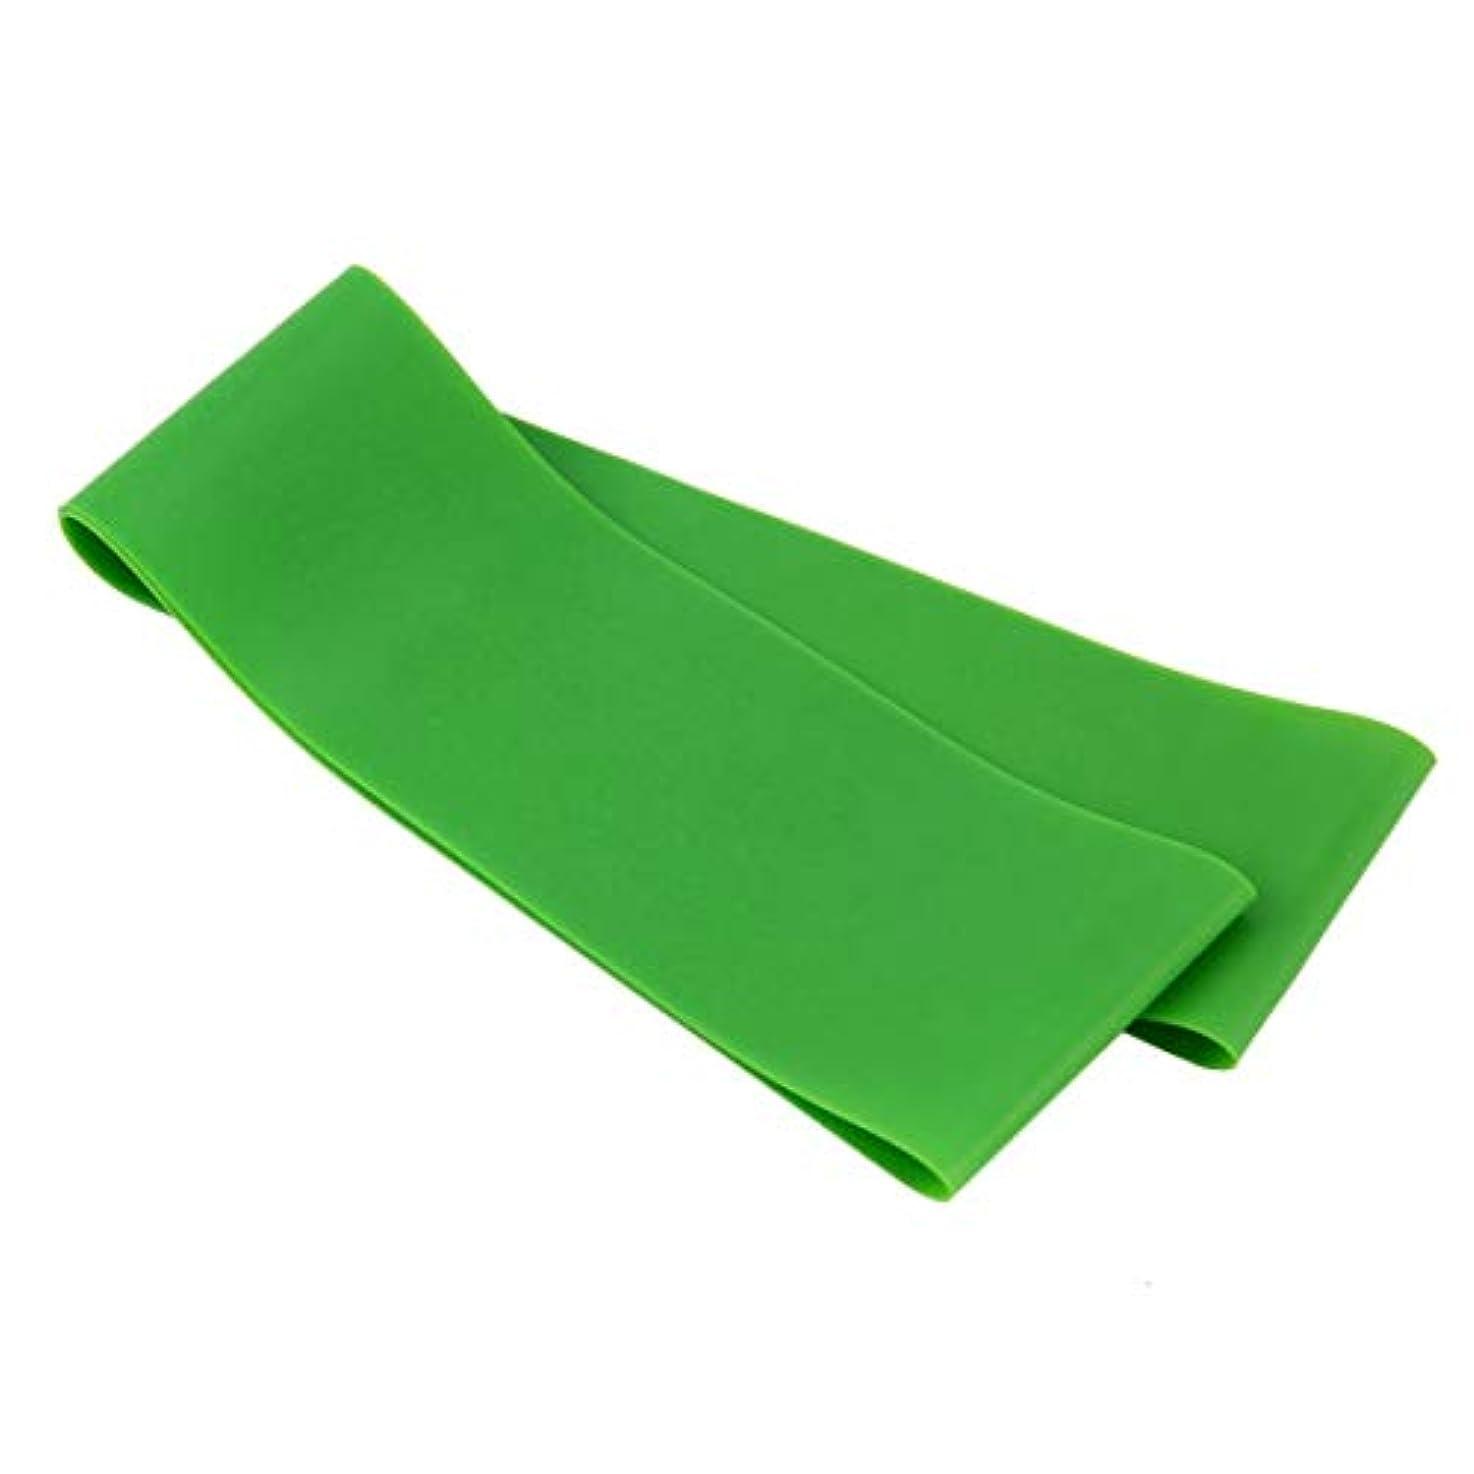 歯科医湿気の多い平らにする滑り止め伸縮性ゴム弾性ヨガベルトバンドプルロープ張力抵抗バンドループ強度のためのフィットネスヨガツール - グリーン